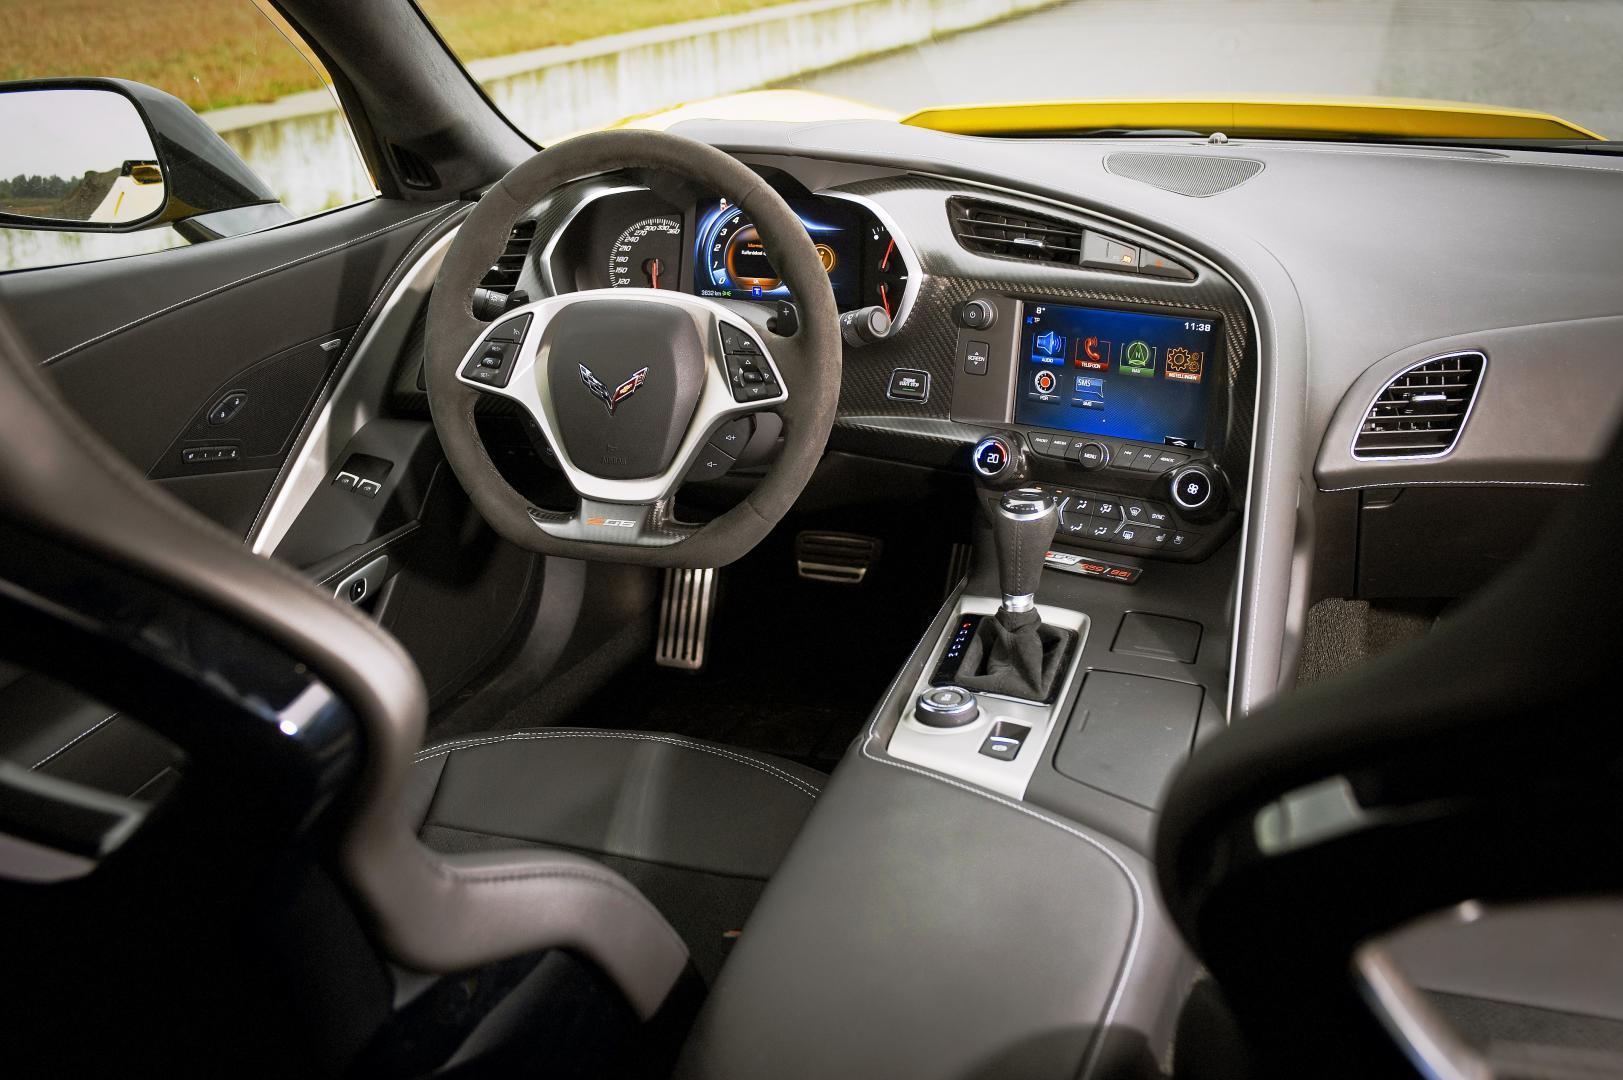 Chevrolet Corvette C7 Z06 interieur (2015)